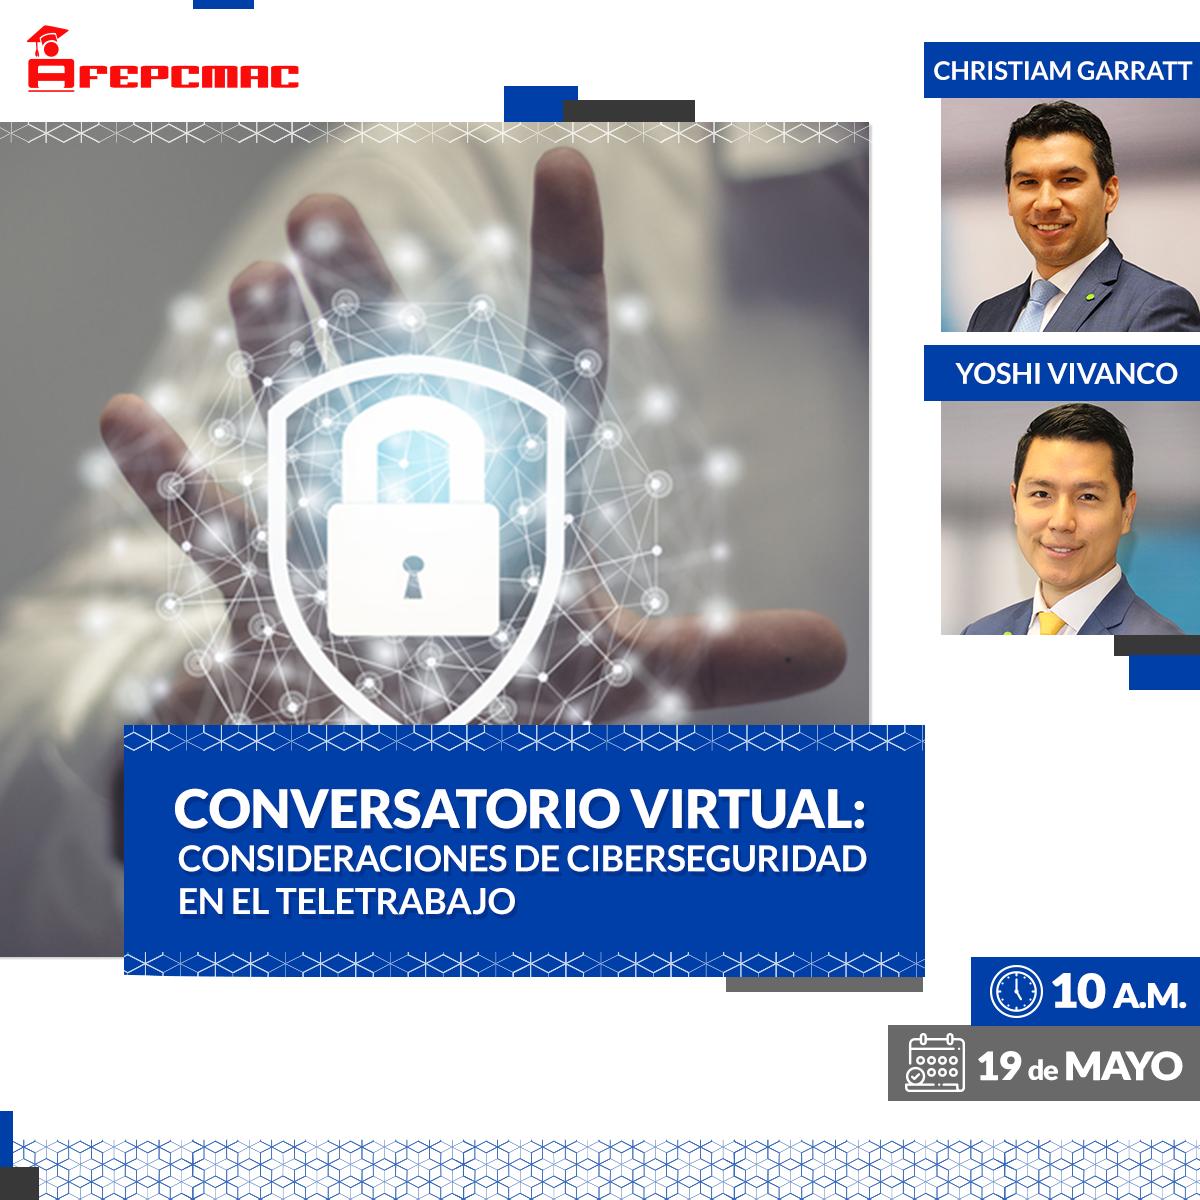 FEPCMAC_conversatorio_virtual_(ciberseguridad)_FACEBOOK